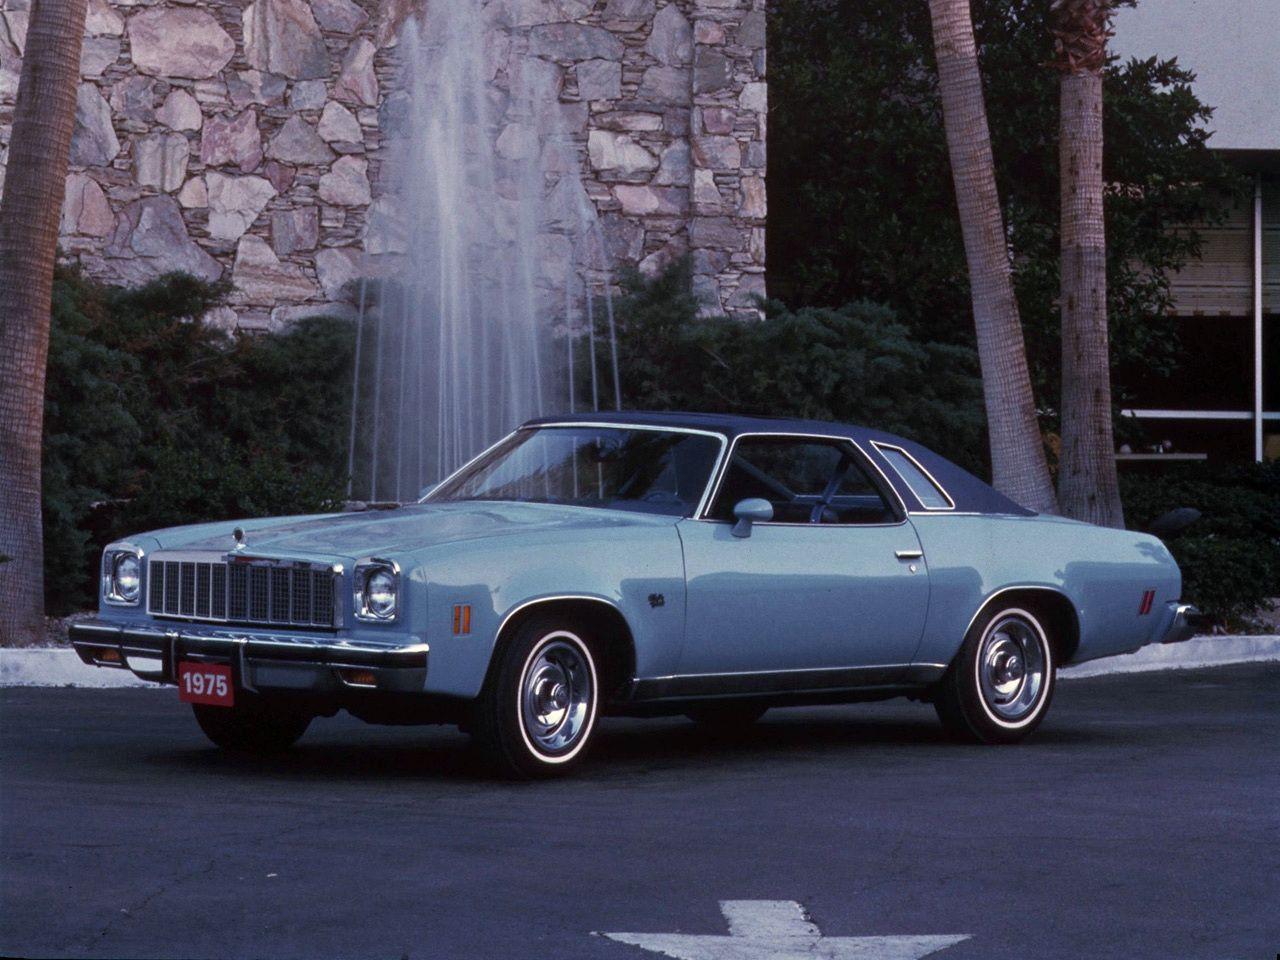 1982 Chevrolet Malibu   Fullchola   Pinterest   Chevrolet malibu ...